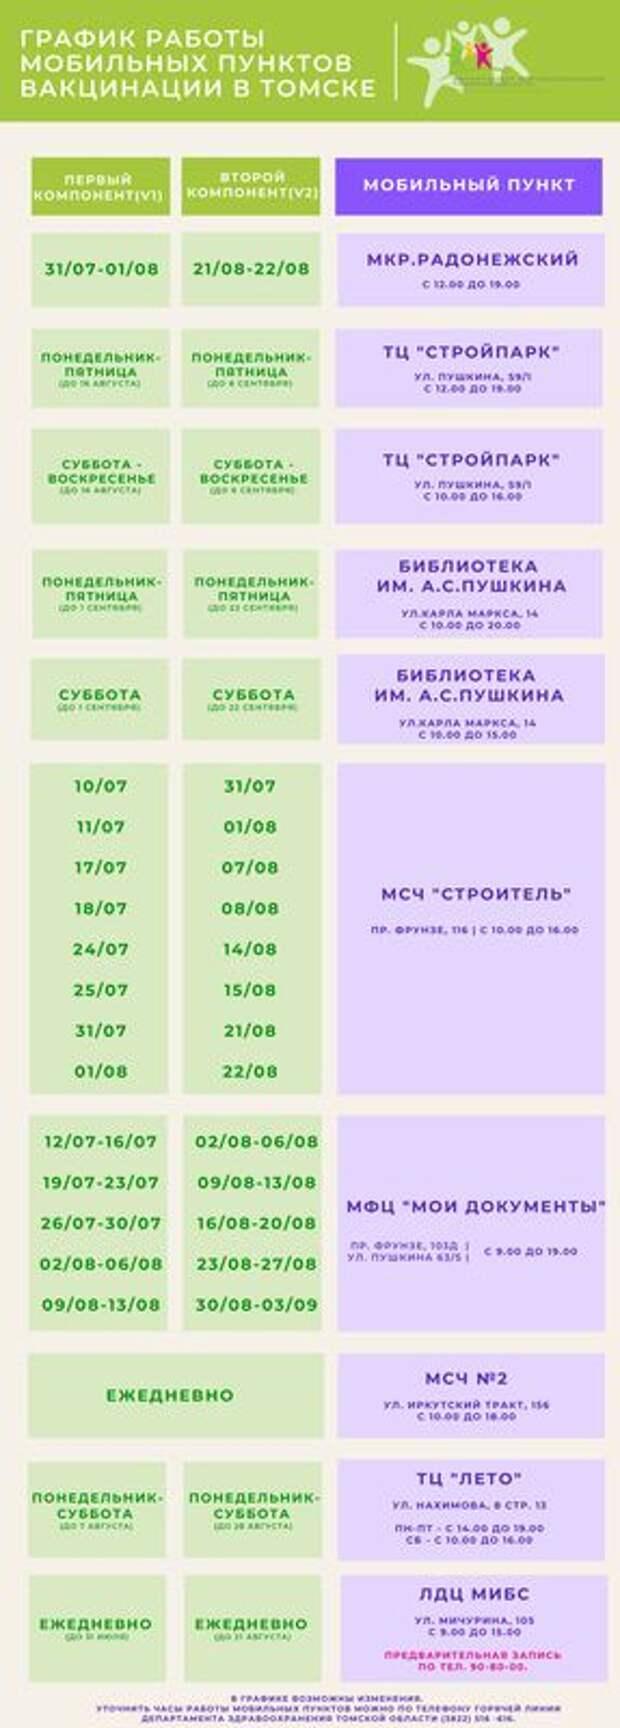 Два новых пункта вакцинации от коронавируса открываются в Томске